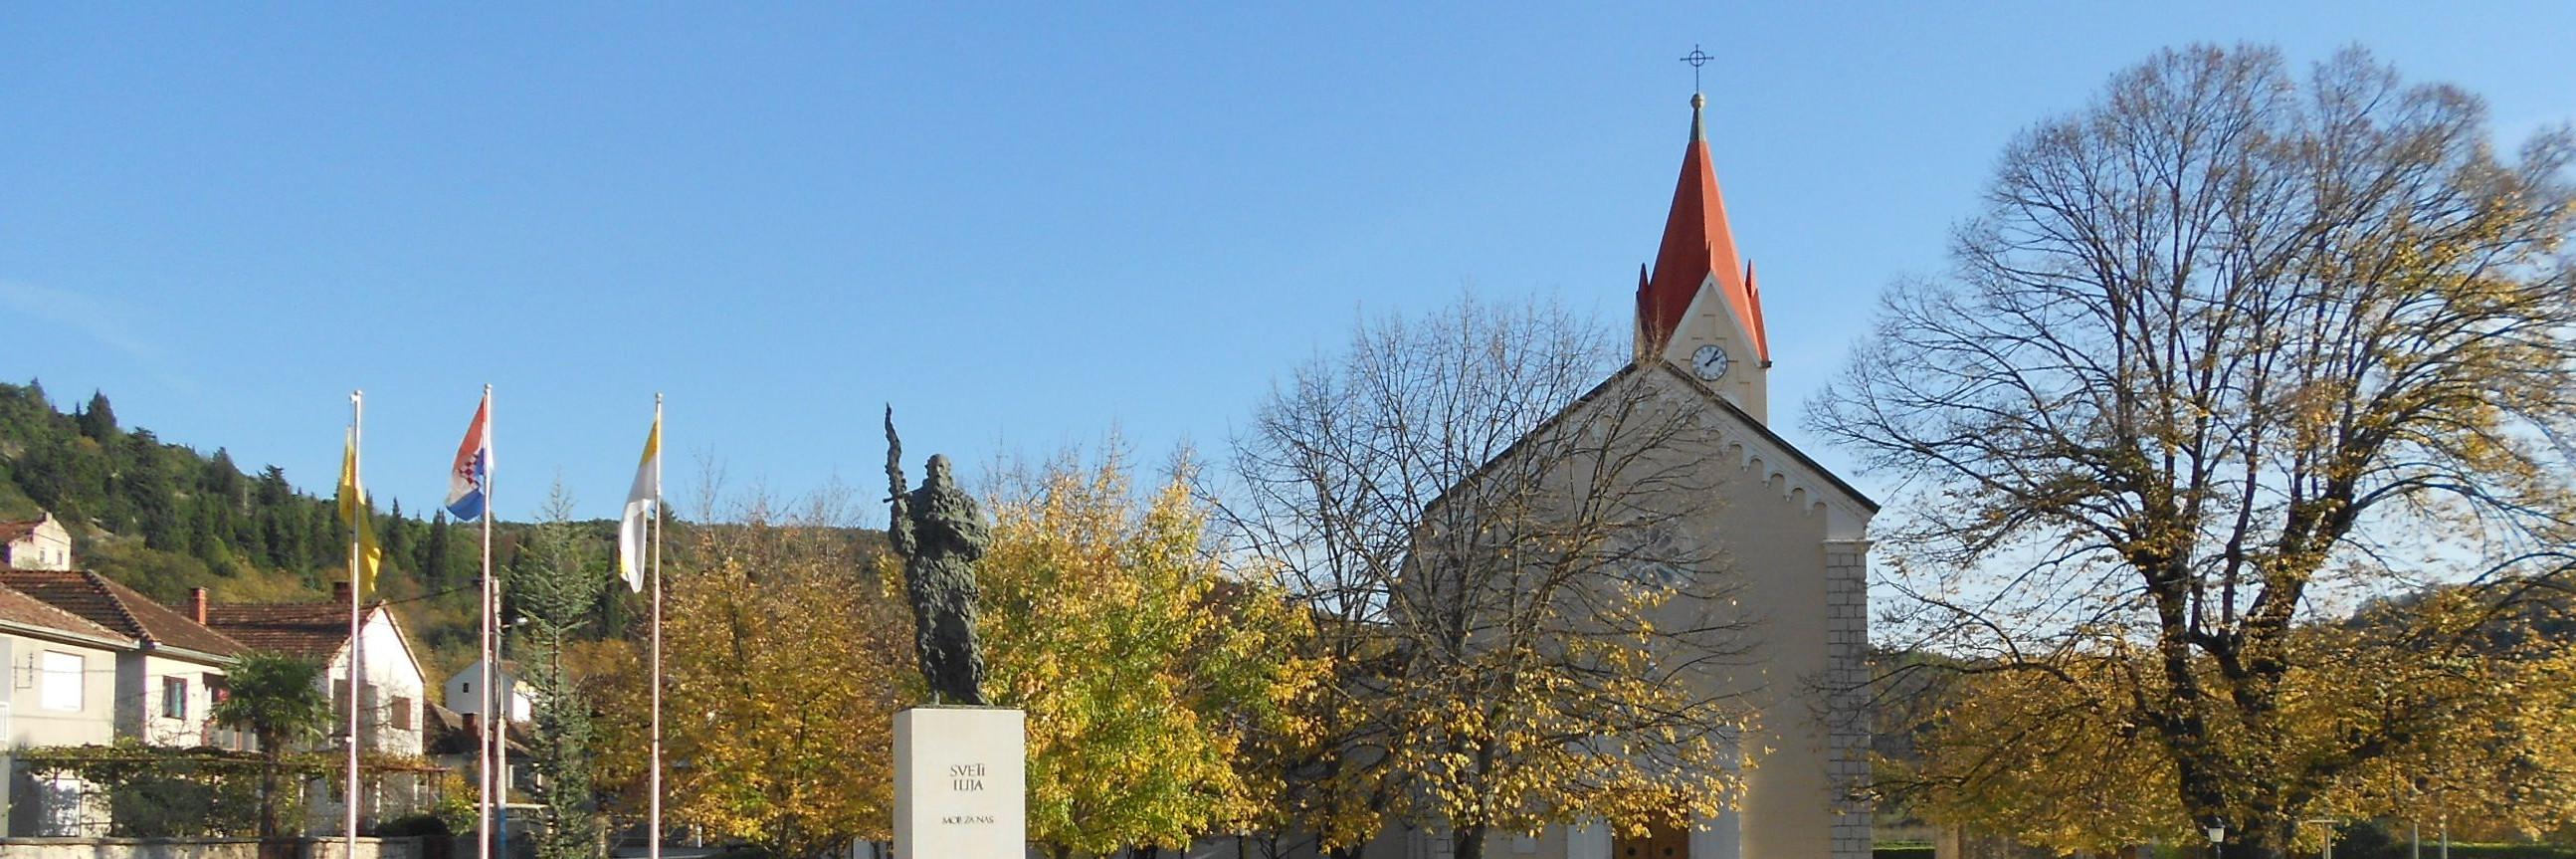 Церковь св. пророка Илии в Столаце